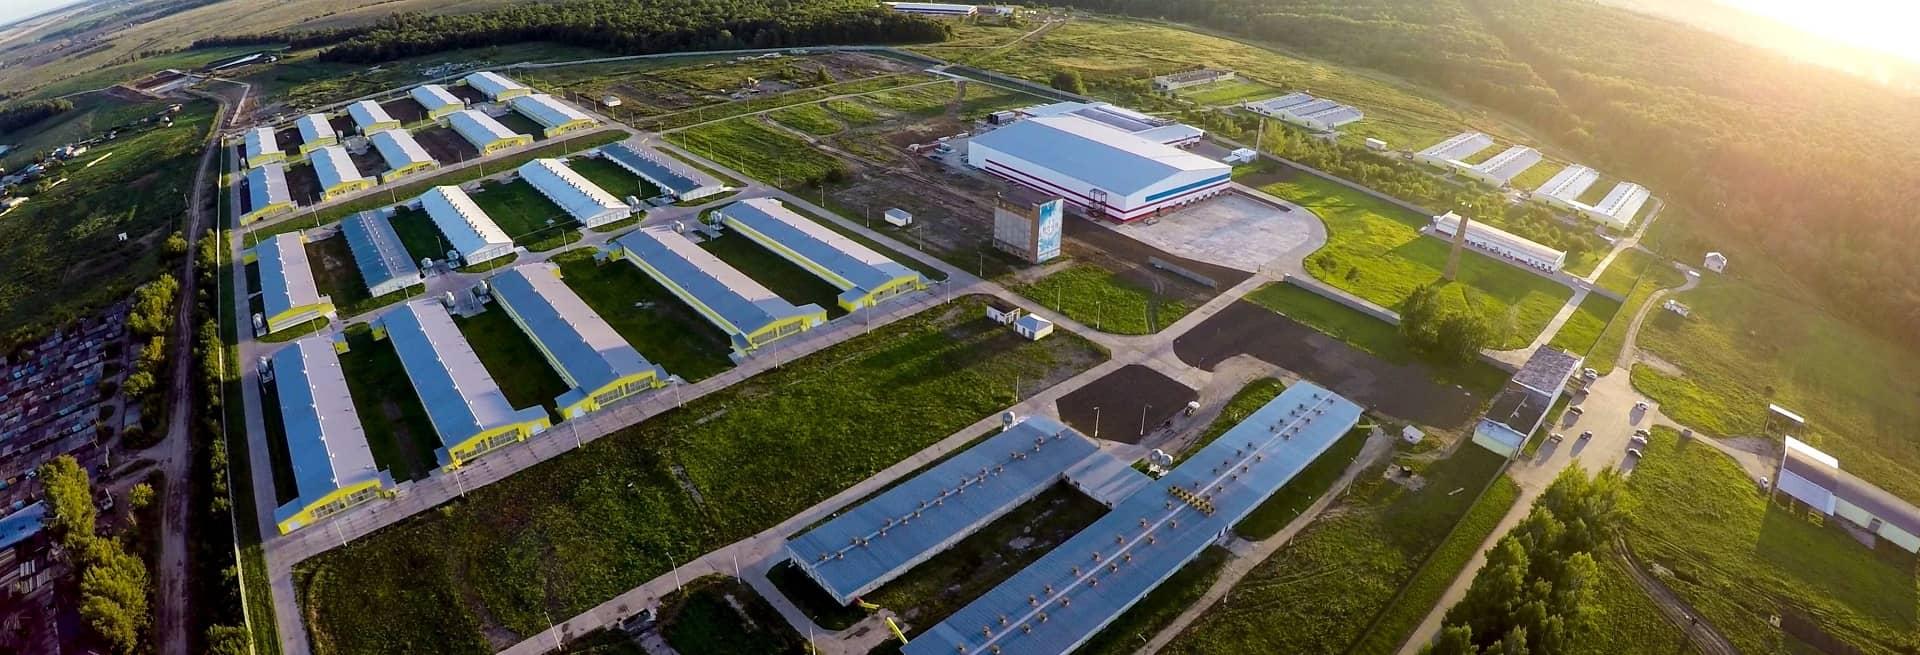 Сайт компании агрохолдинг ресо страховая компания официальный сайт ярославль